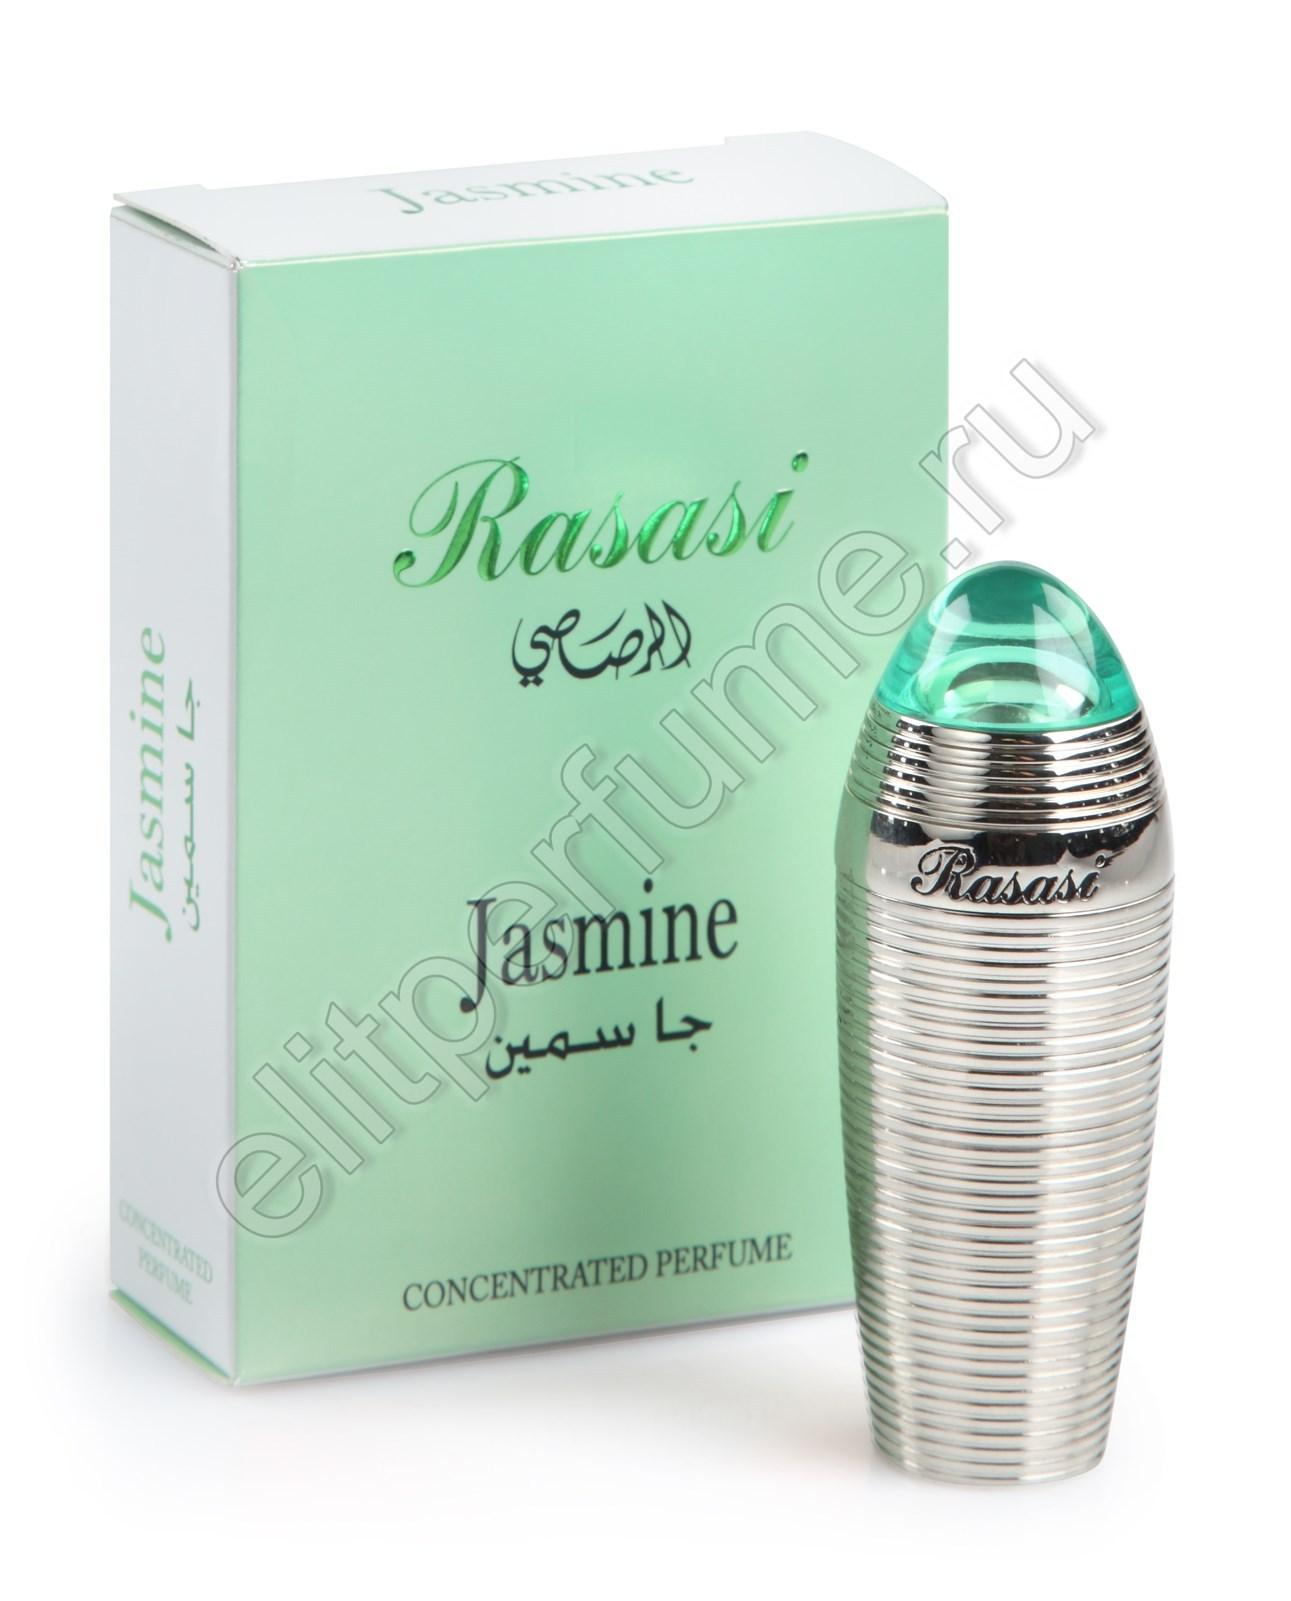 Жасмин Jasmine 5 мл арабские масляные духи от Расаси Rasasi Perfumes